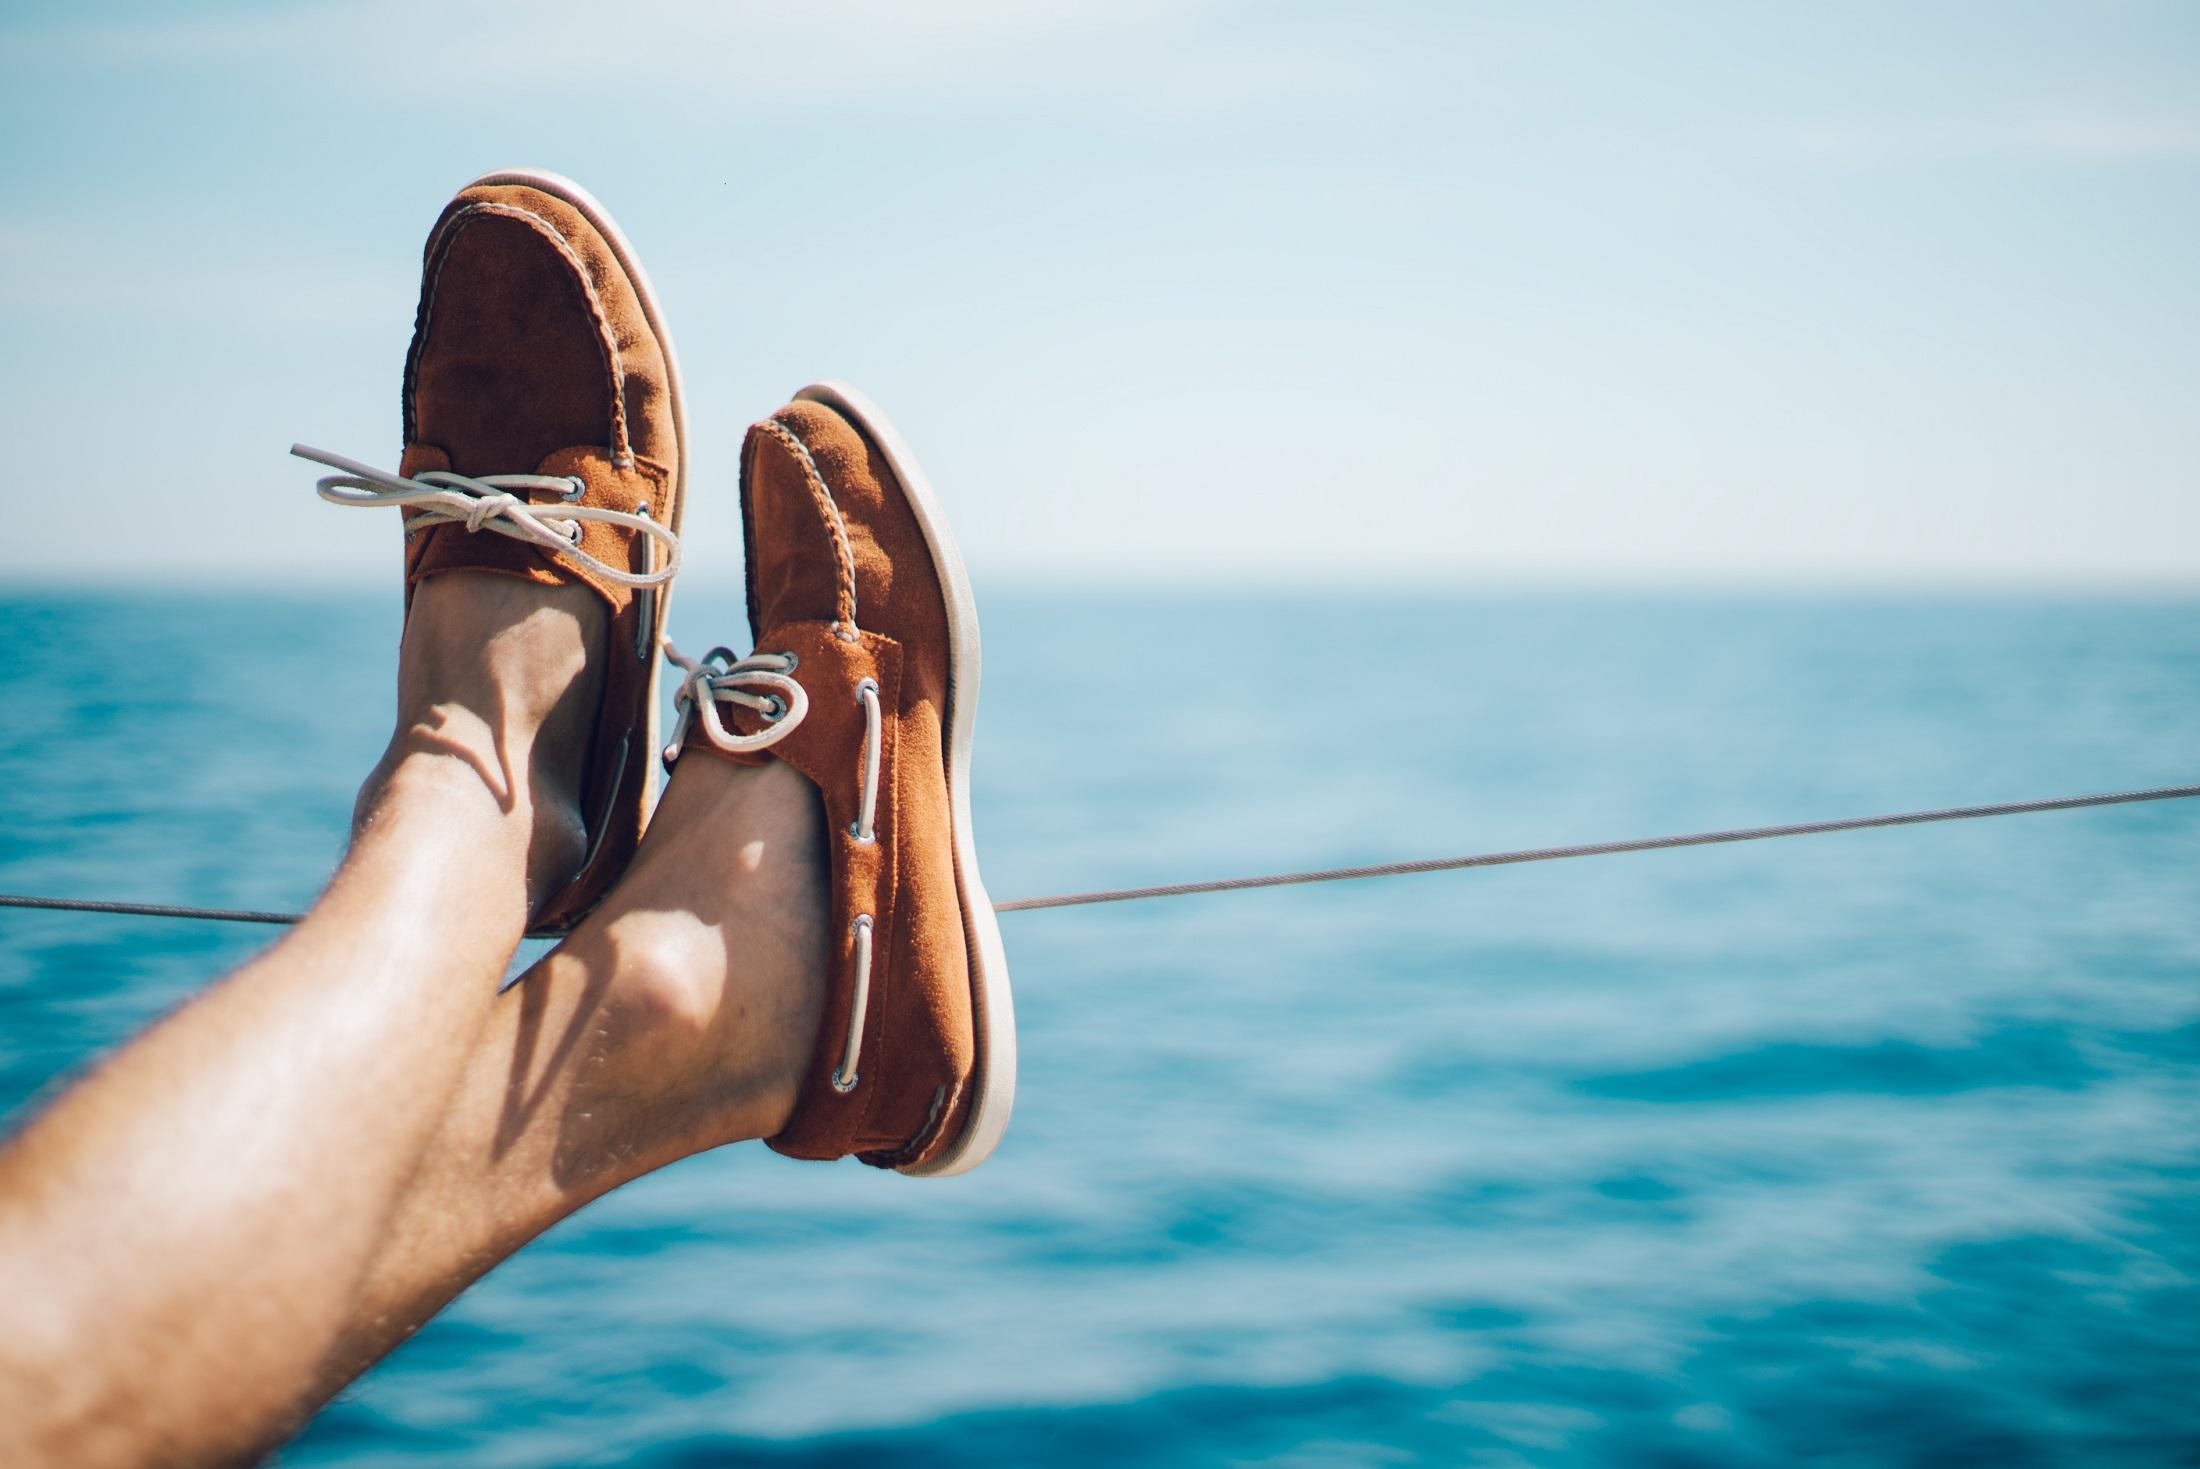 Sagt  om  seiling